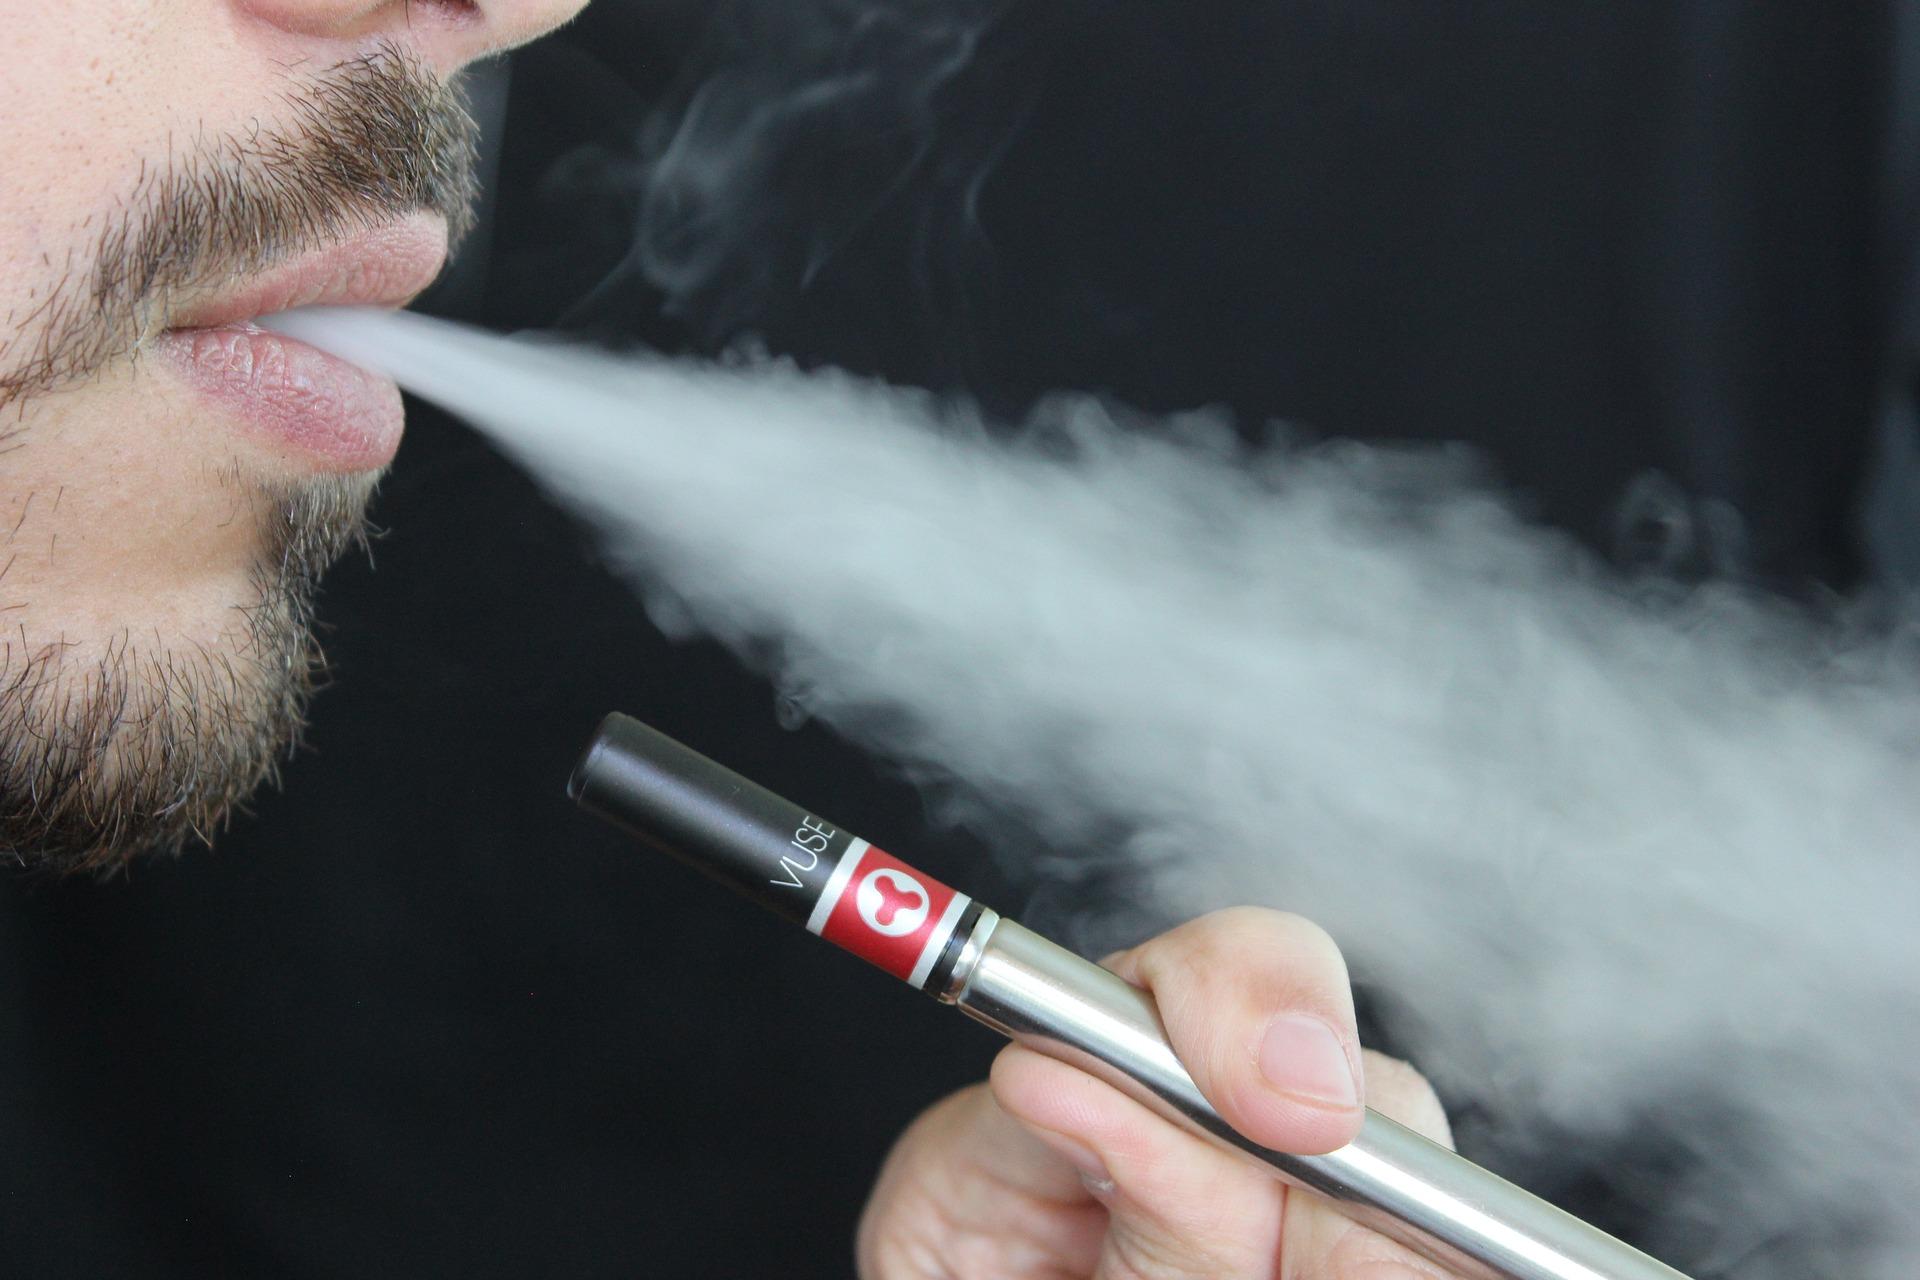 Raucher einer E-Zigarette